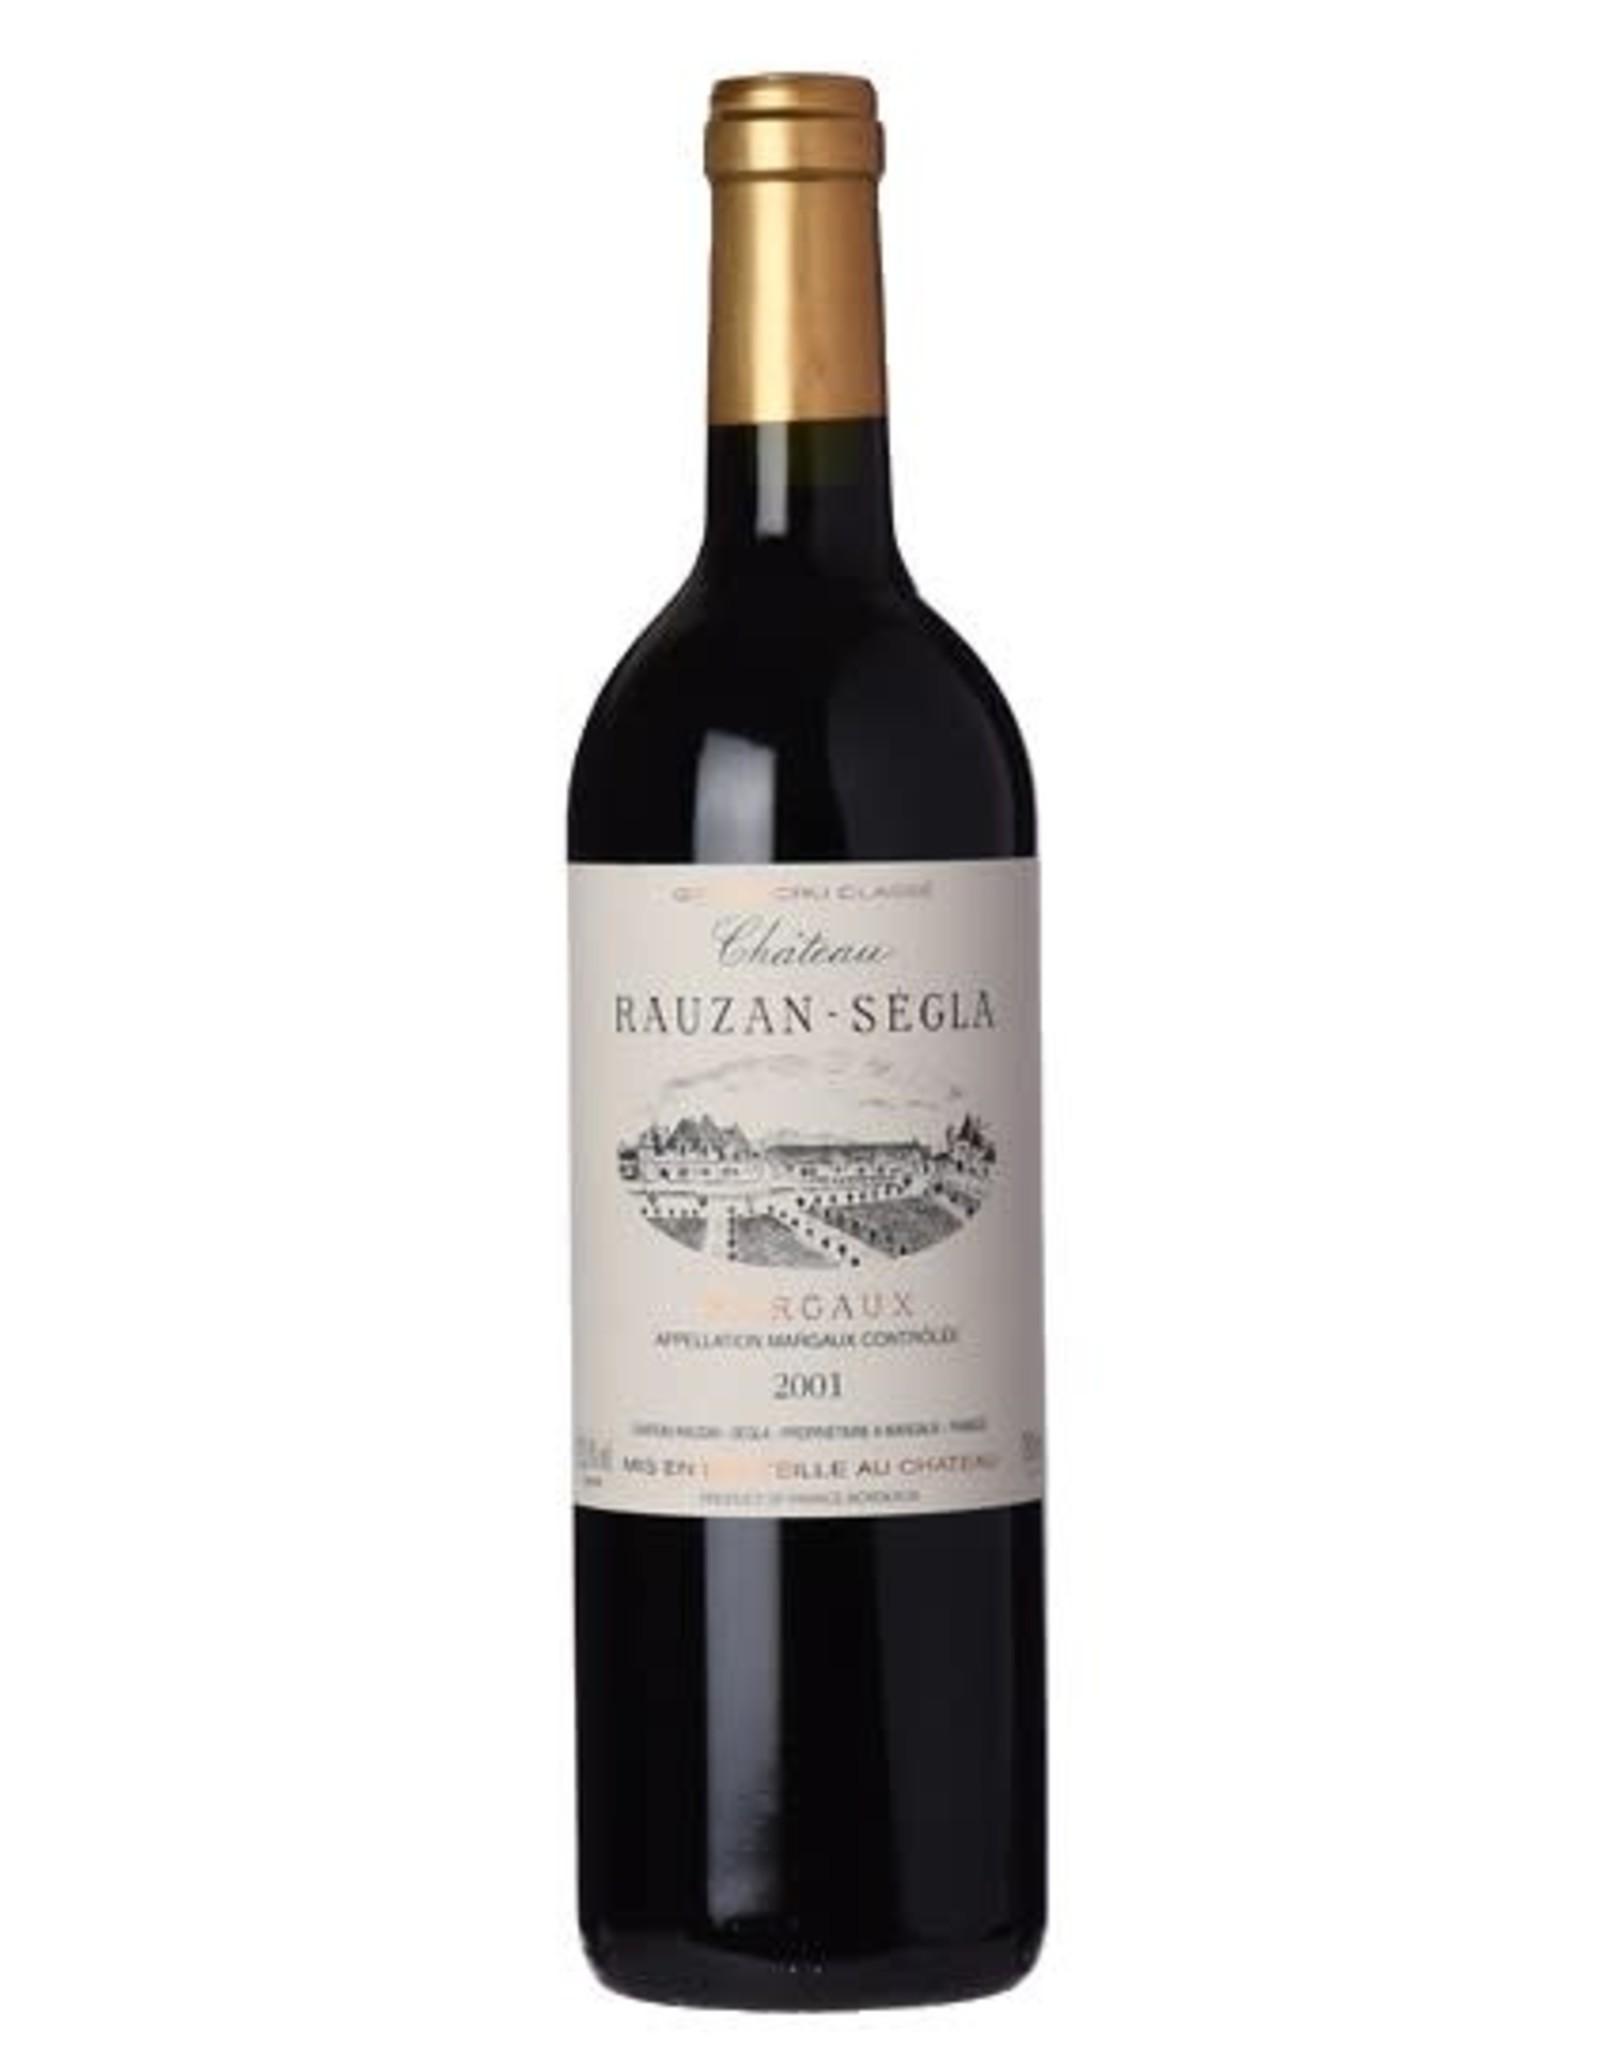 Chateau Rauzan-Segla Margaux 2001